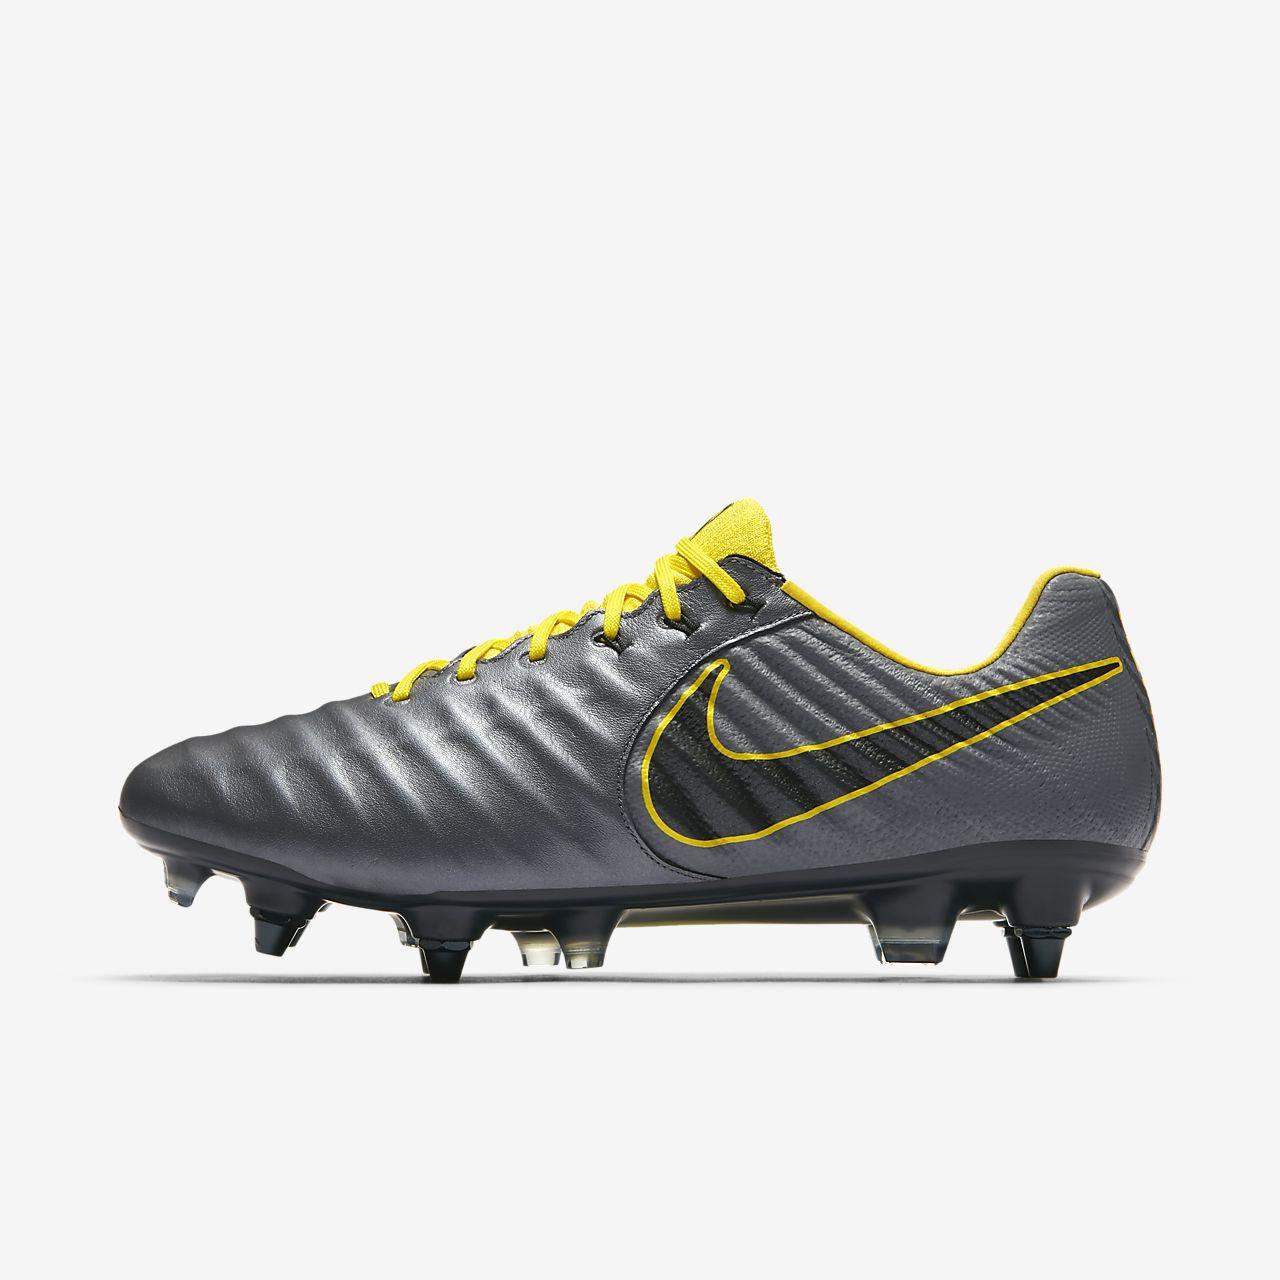 outlet store f82ac c098d ... Chaussure de football à crampons pour terrain gras Nike Tiempo Legend  VII Elite SG-Pro